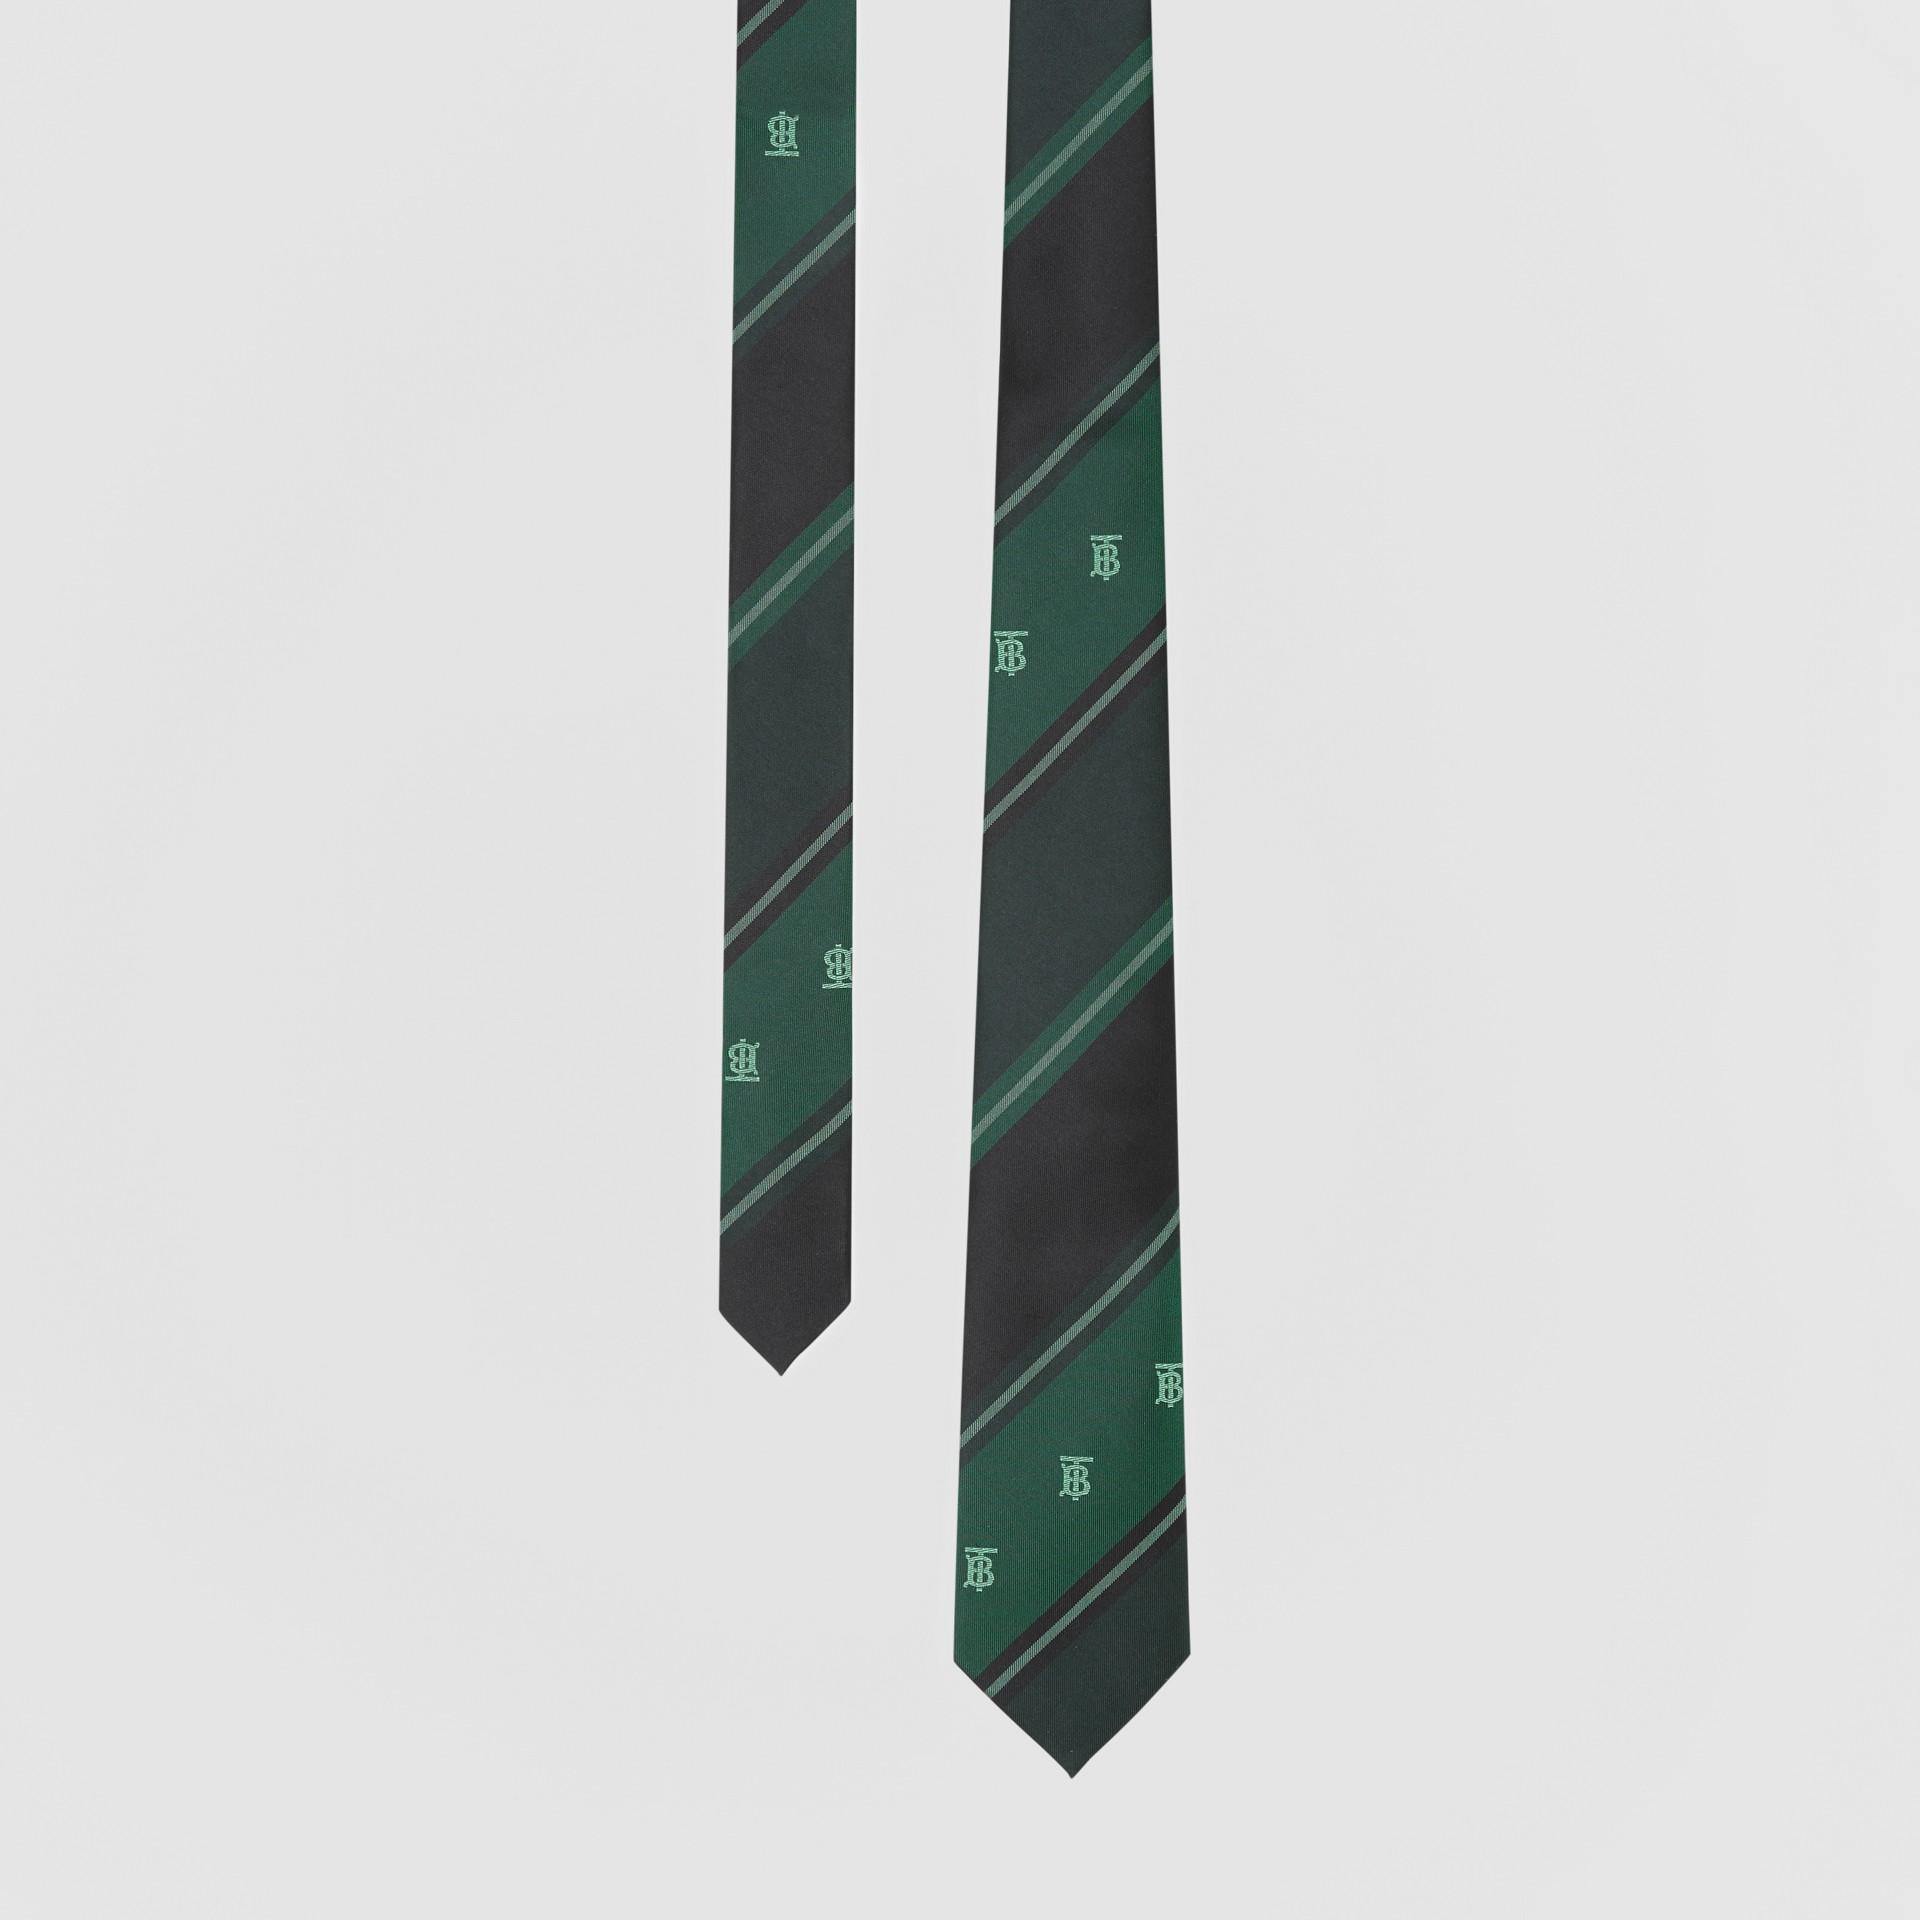 Cravate classique rayée en jacquard de soie Monogram (Vert Forêt) - Homme | Burberry Canada - photo de la galerie 0